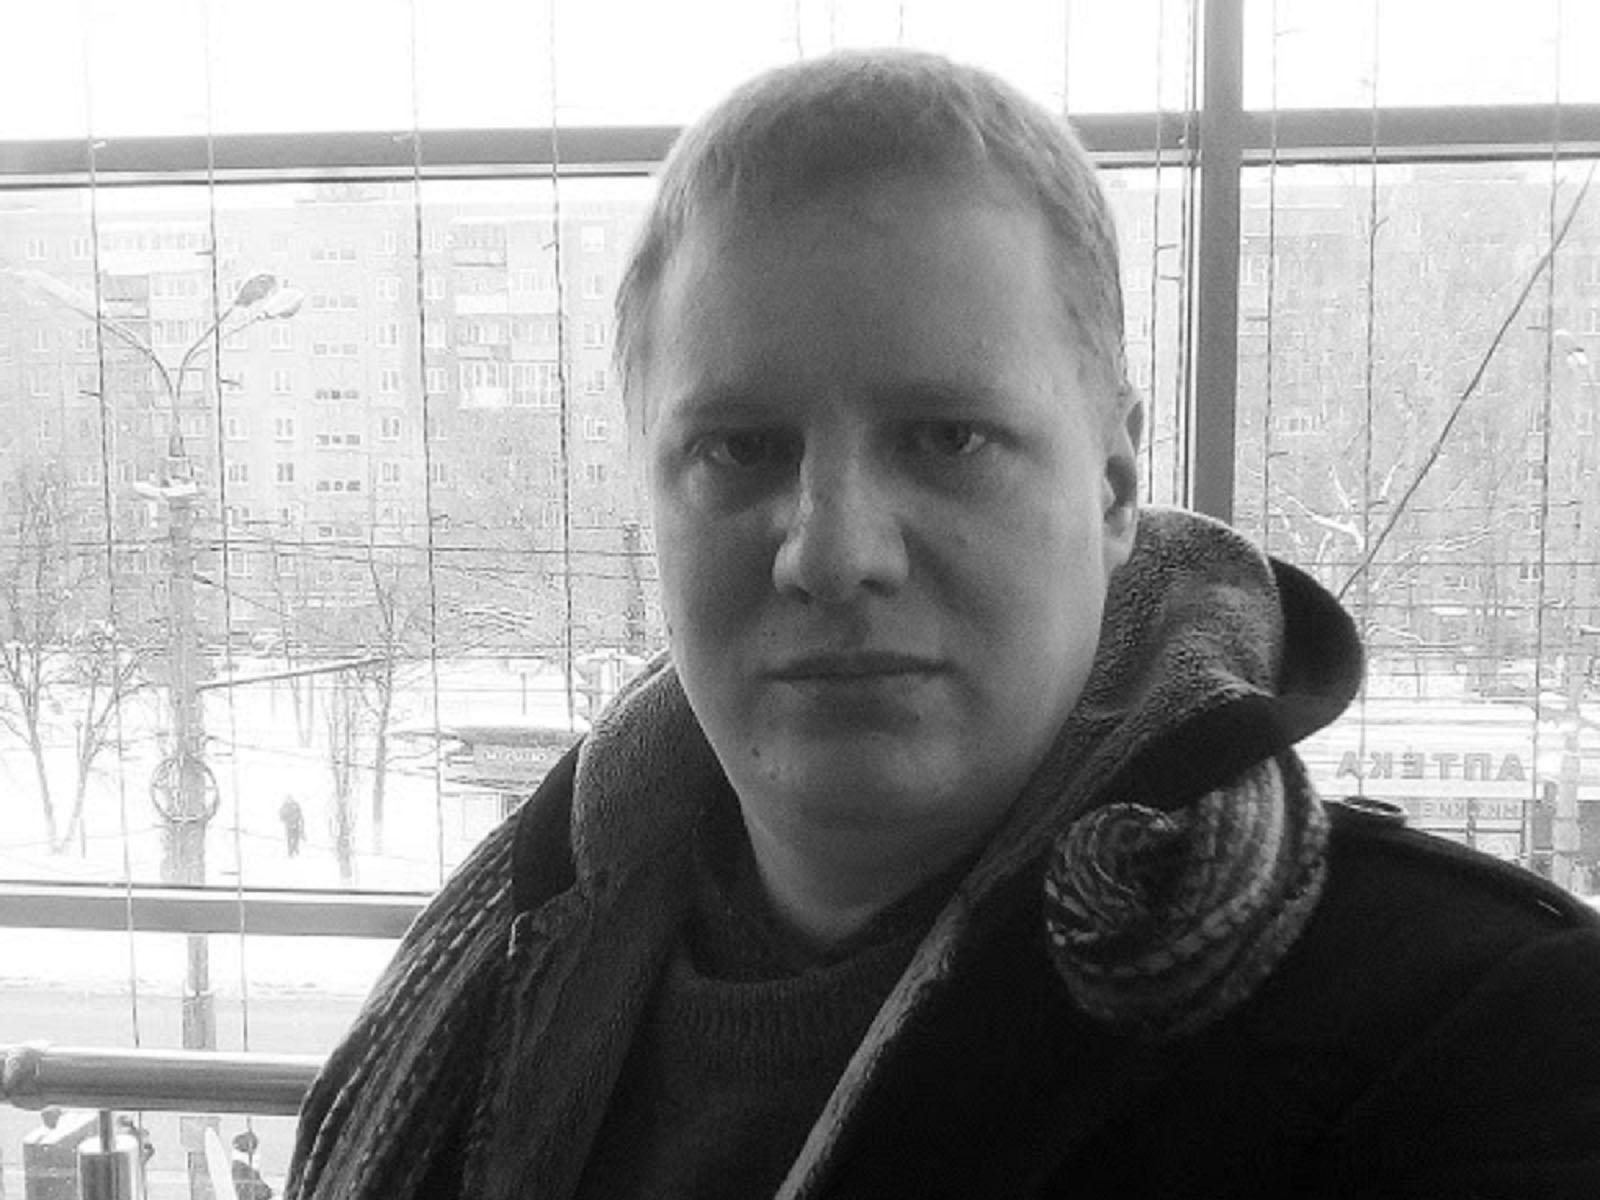 Николай Камелин, маркетолог и коммерческий автор